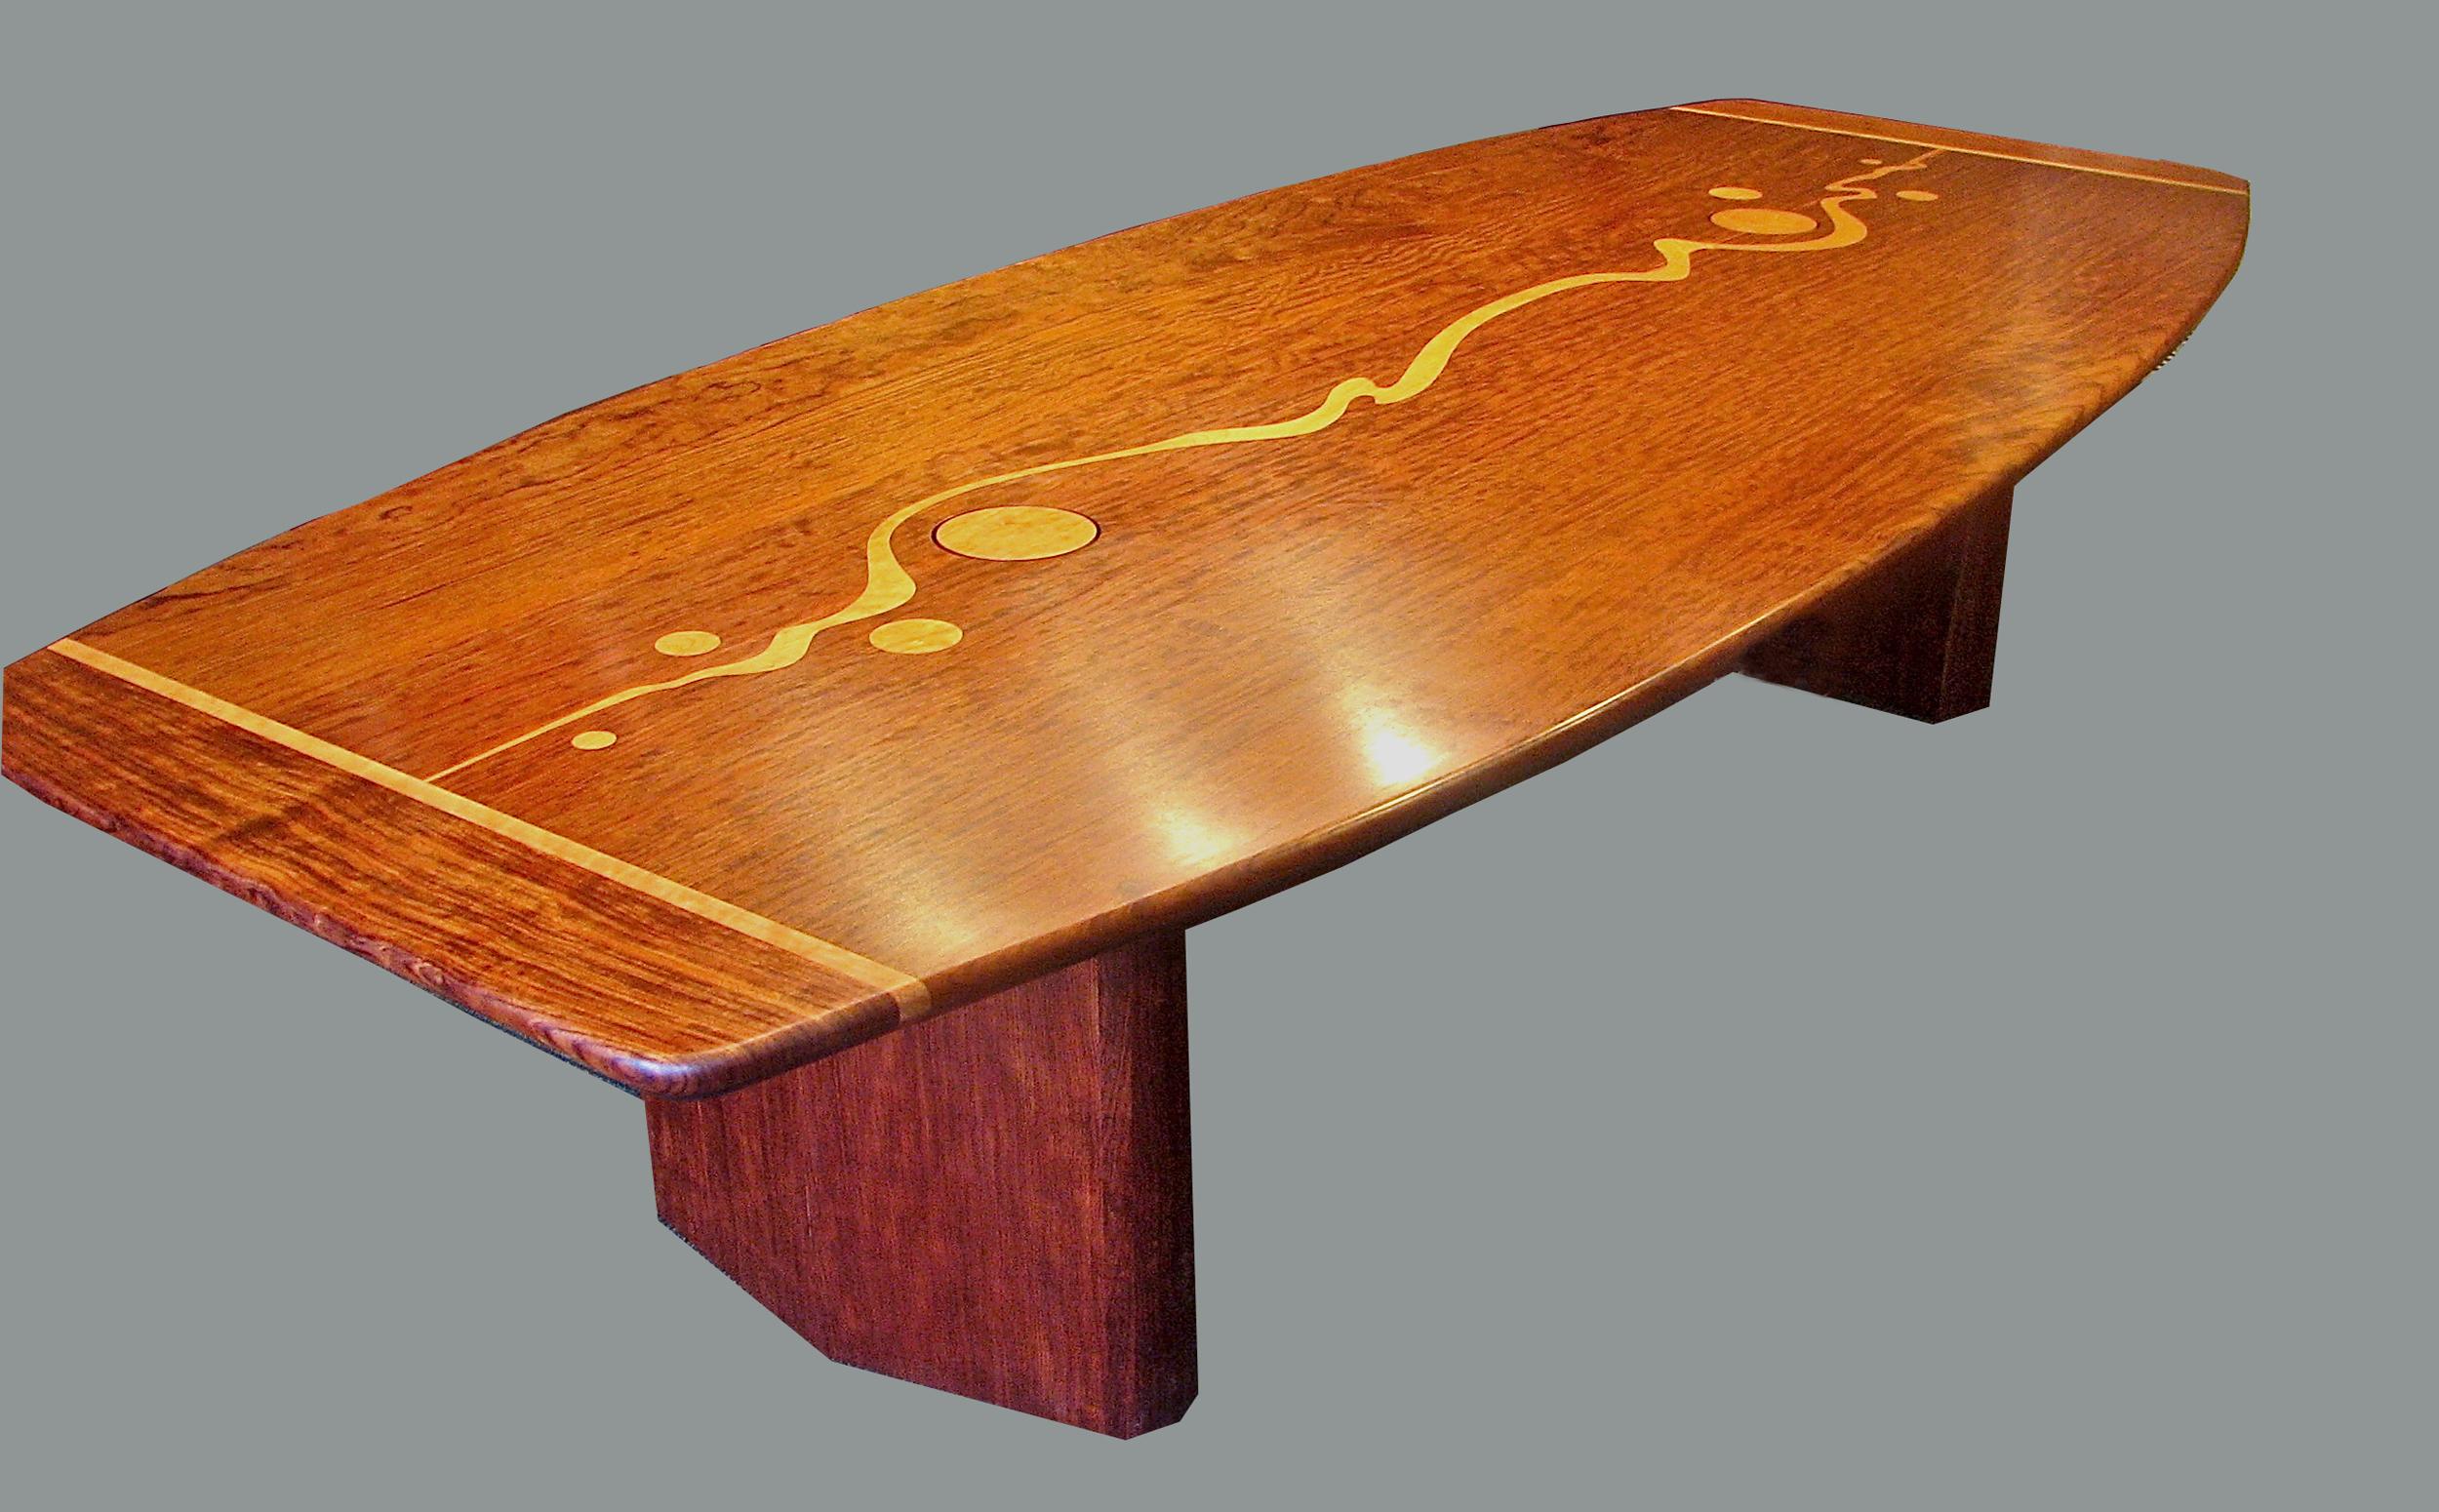 Pebble Creek Table